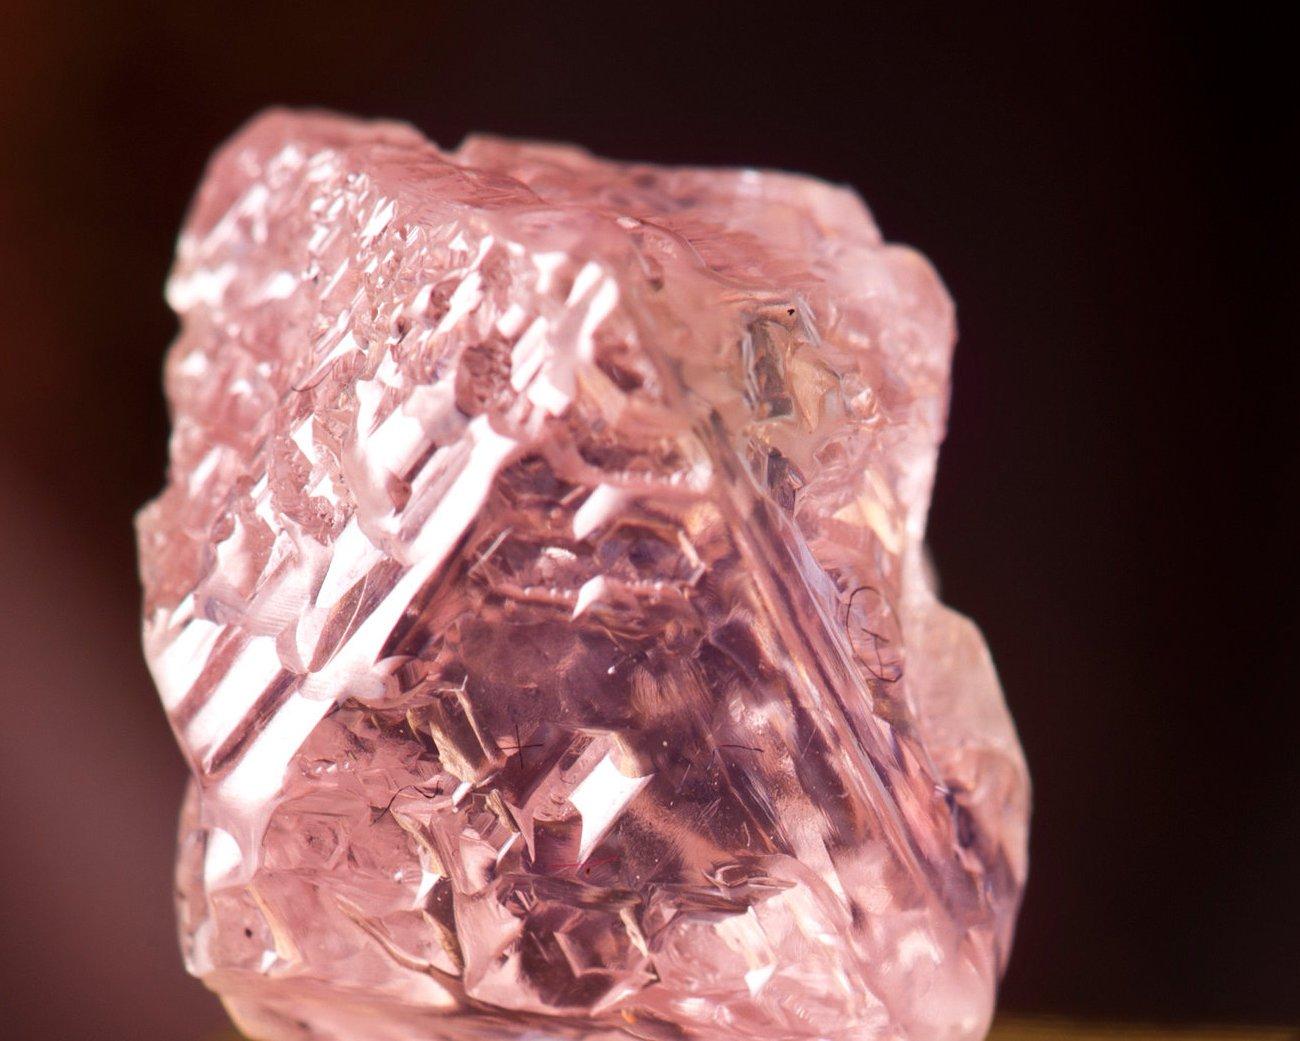 Forscher der Harvard Universität haben aus rosafarbenem Diamant das kleinste Radio der Welt gebaut.